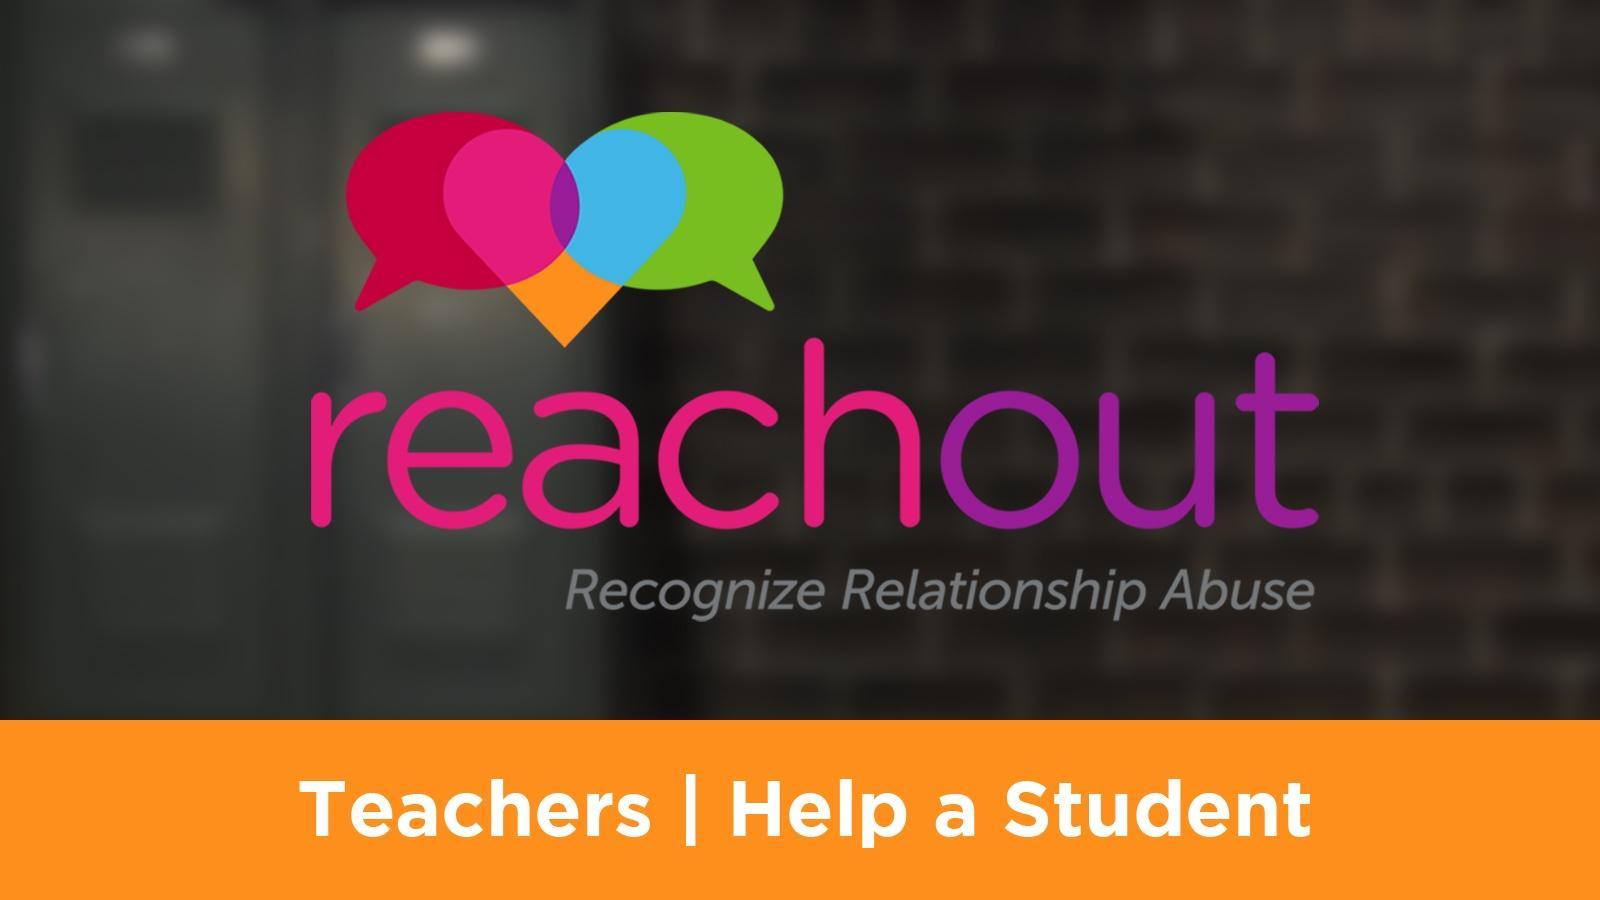 Teachers | Help a Student